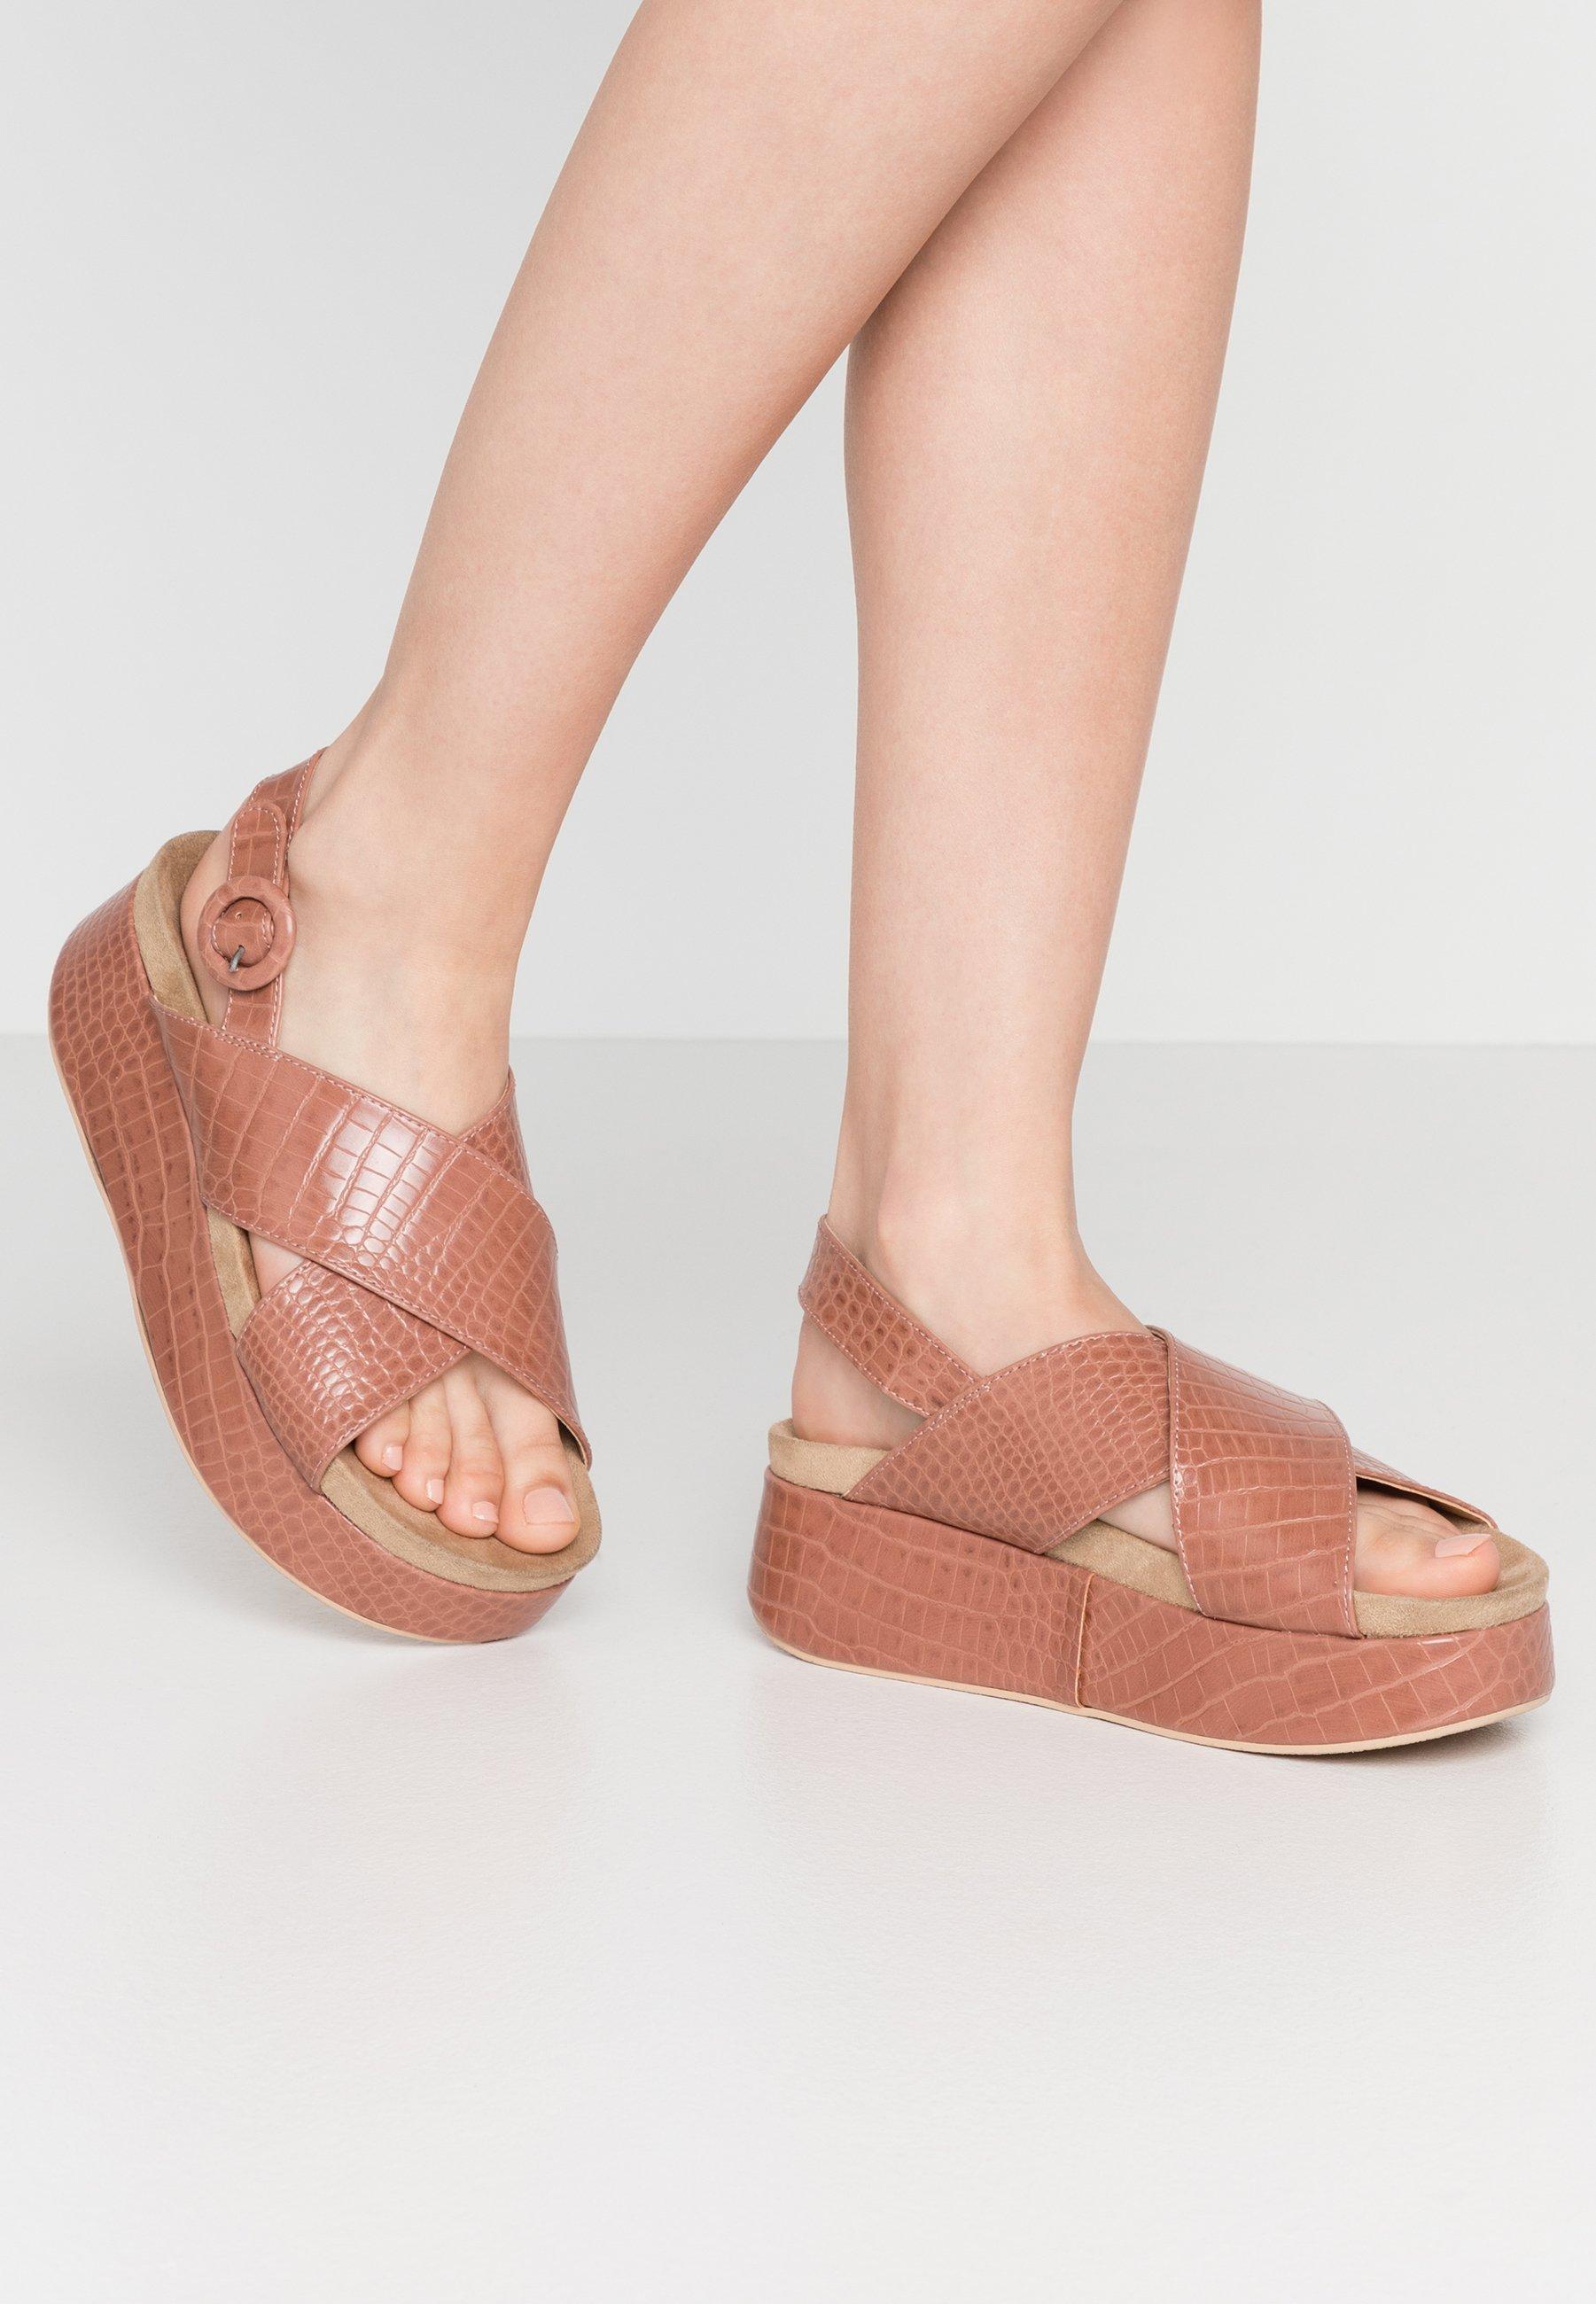 Zapatos de mujer   Comprar calzado femenino online en Zalando